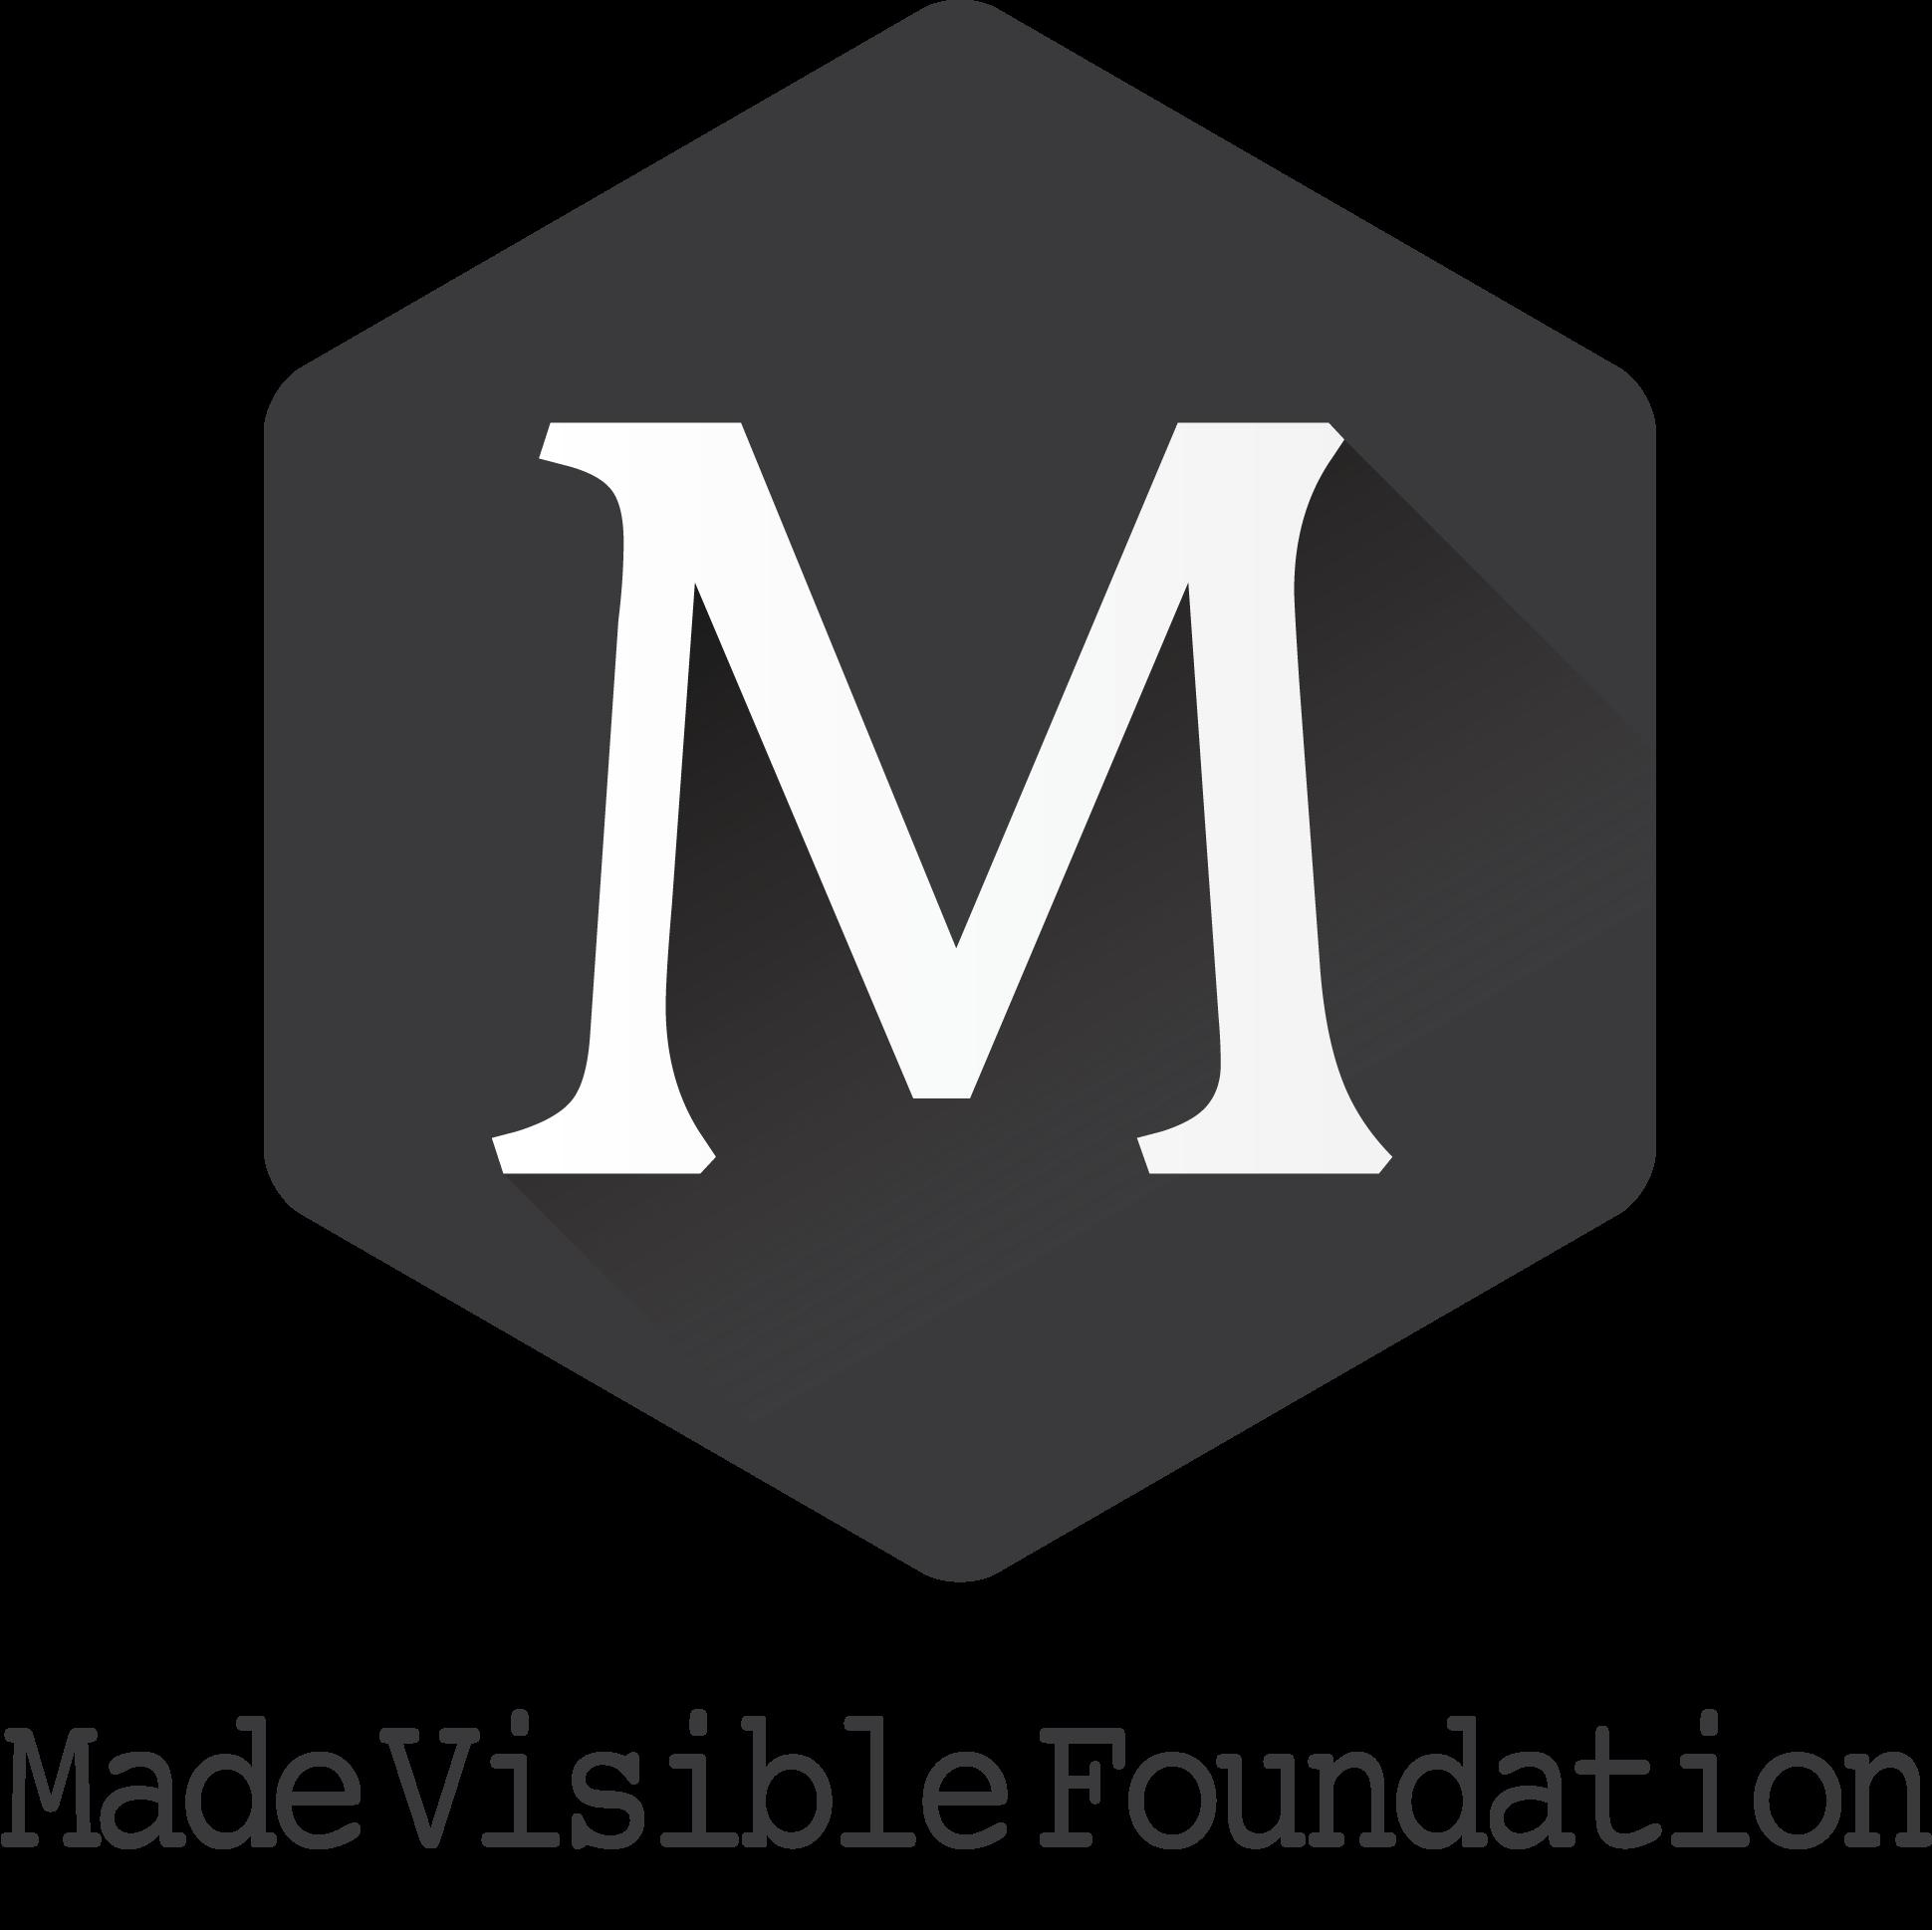 mvf-logo